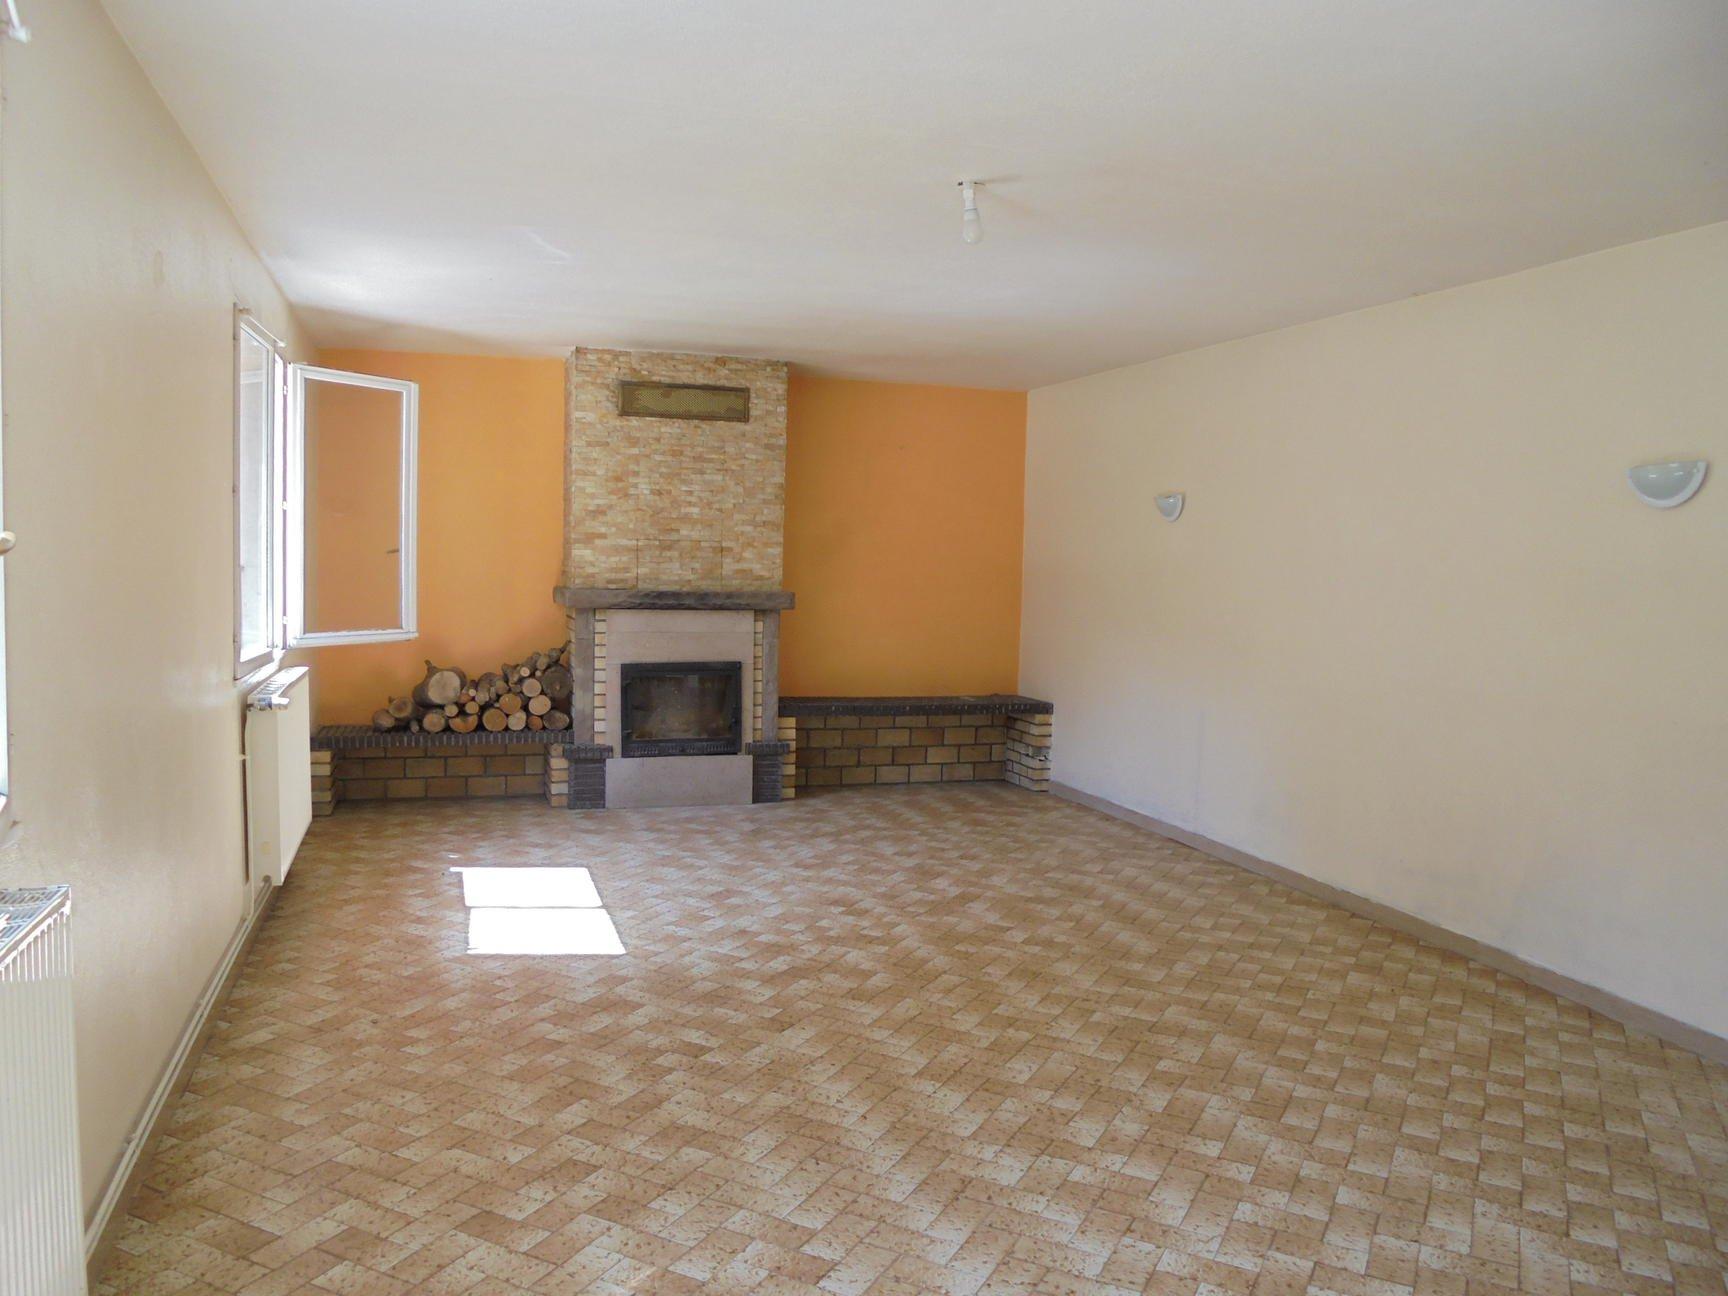 Maison ancienne  7mns Bourgoin et A43